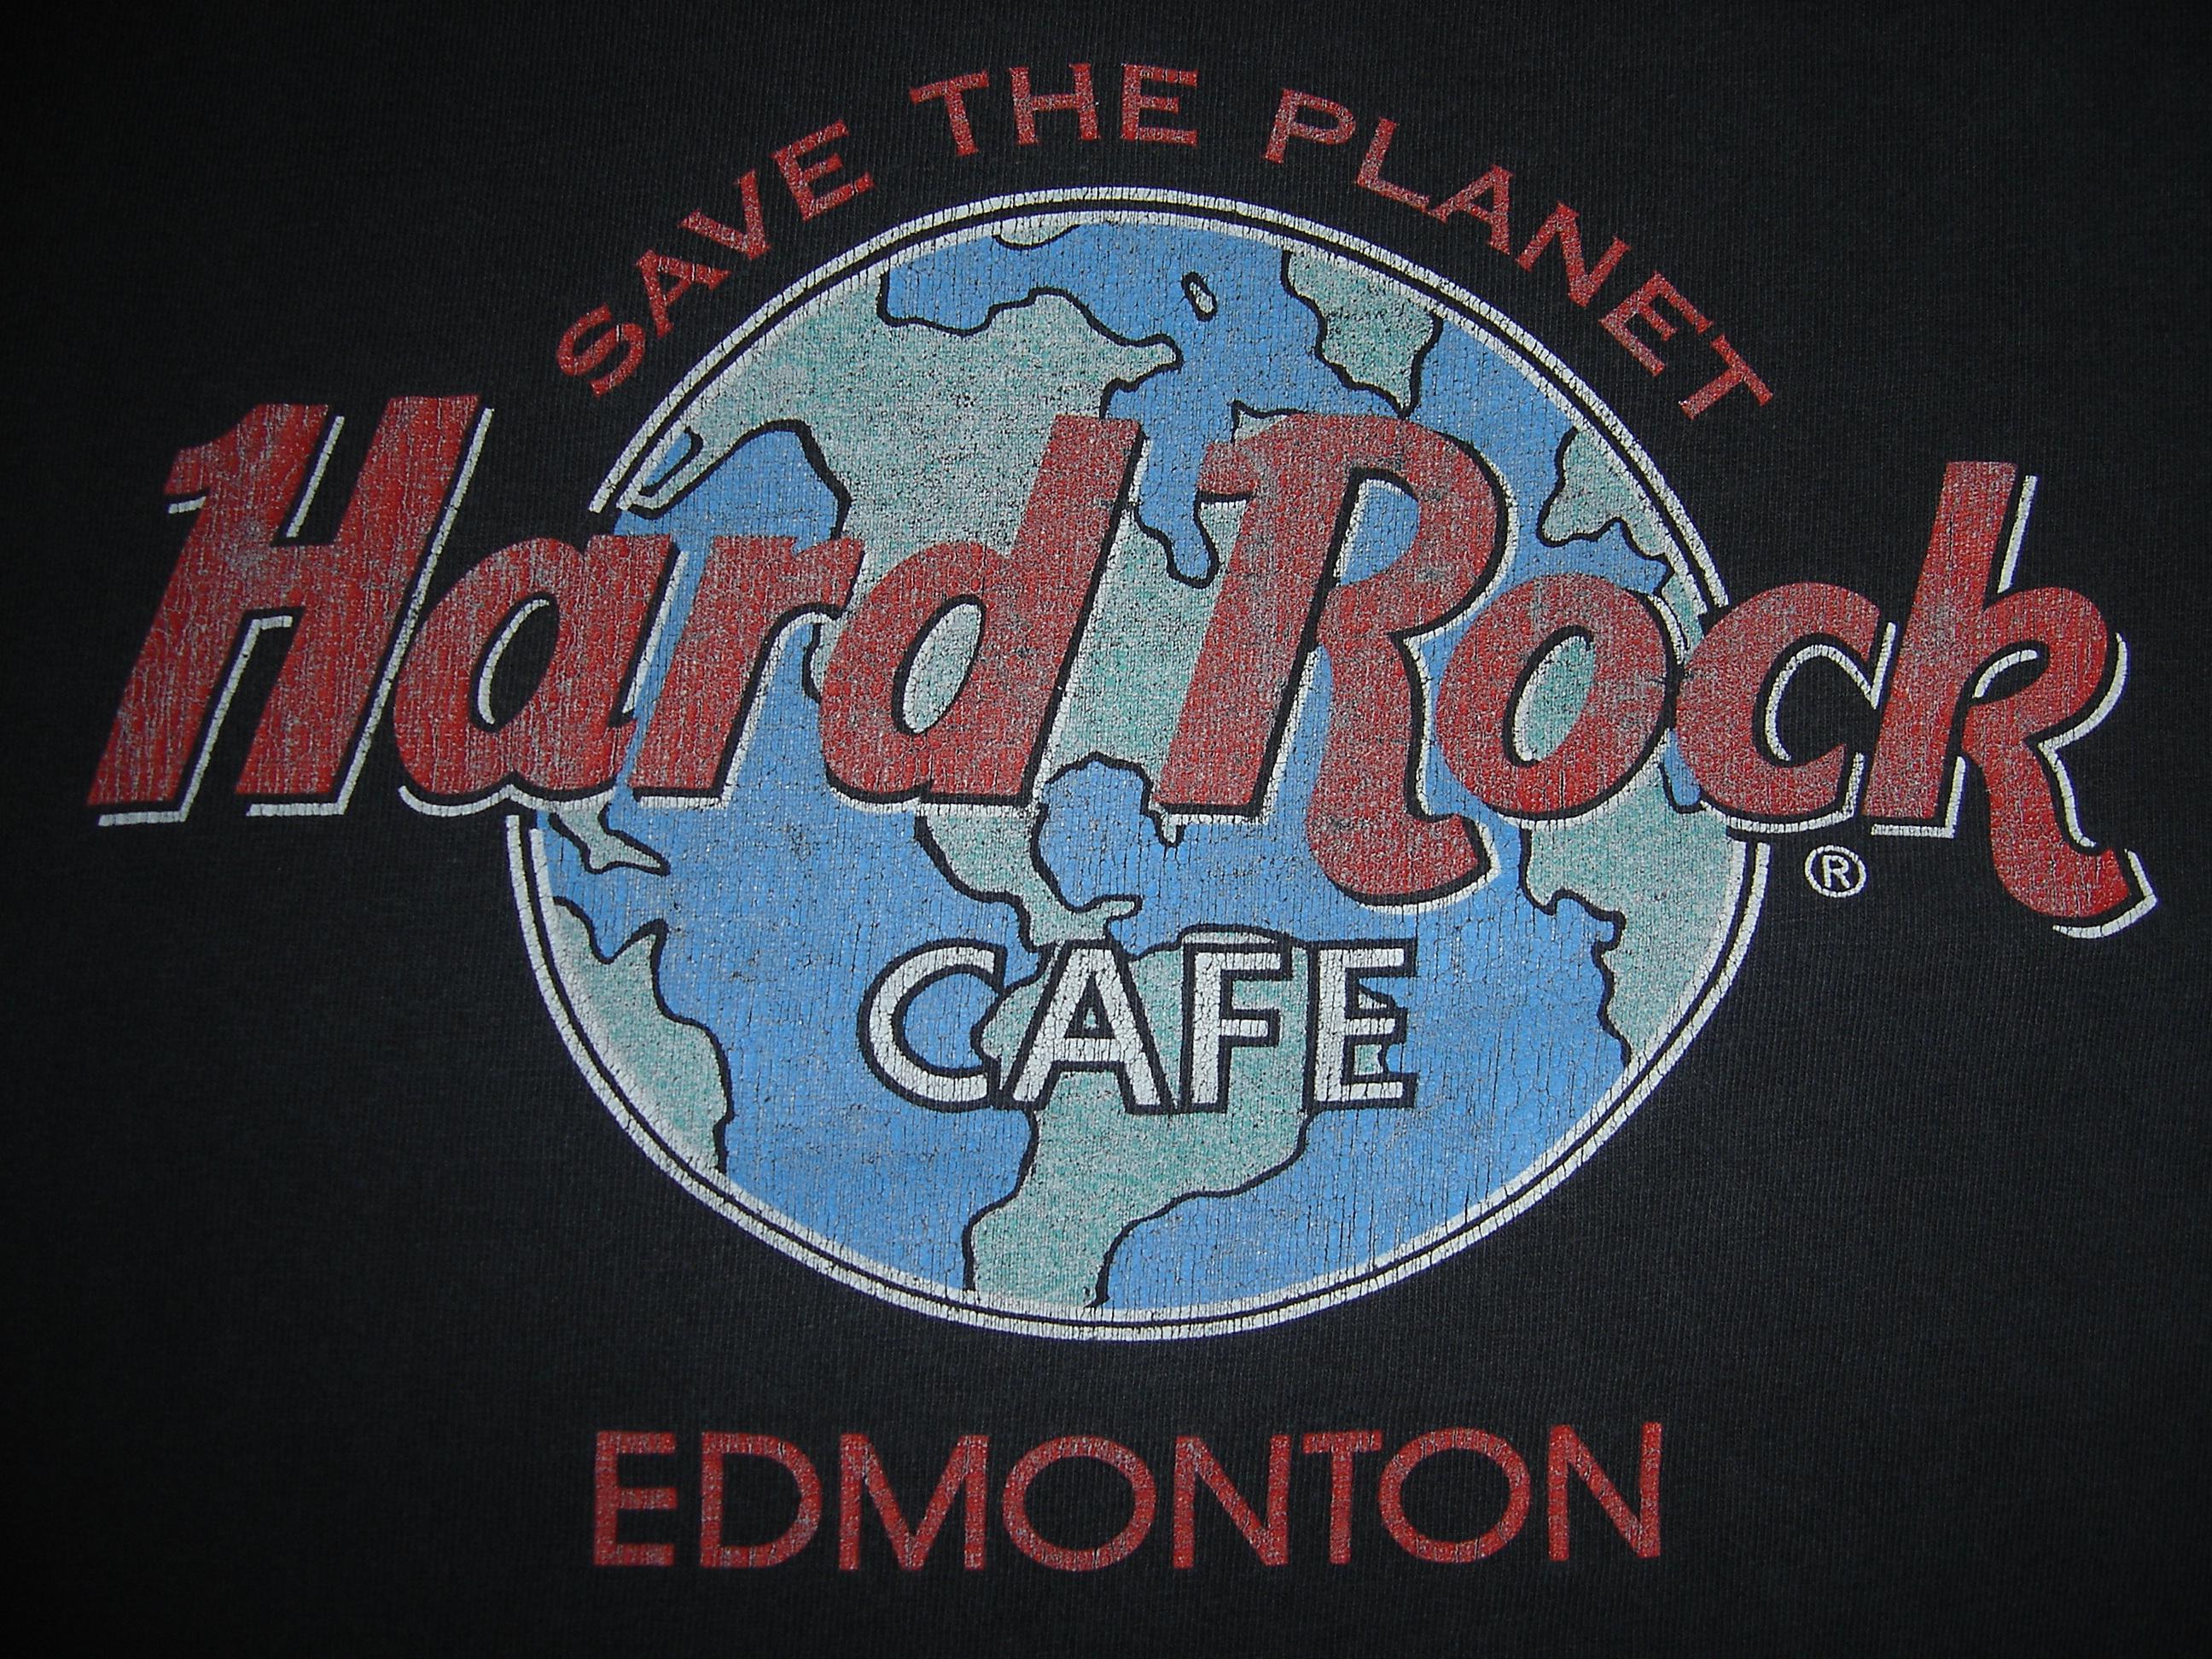 Hard Rock Cafe Edmonton